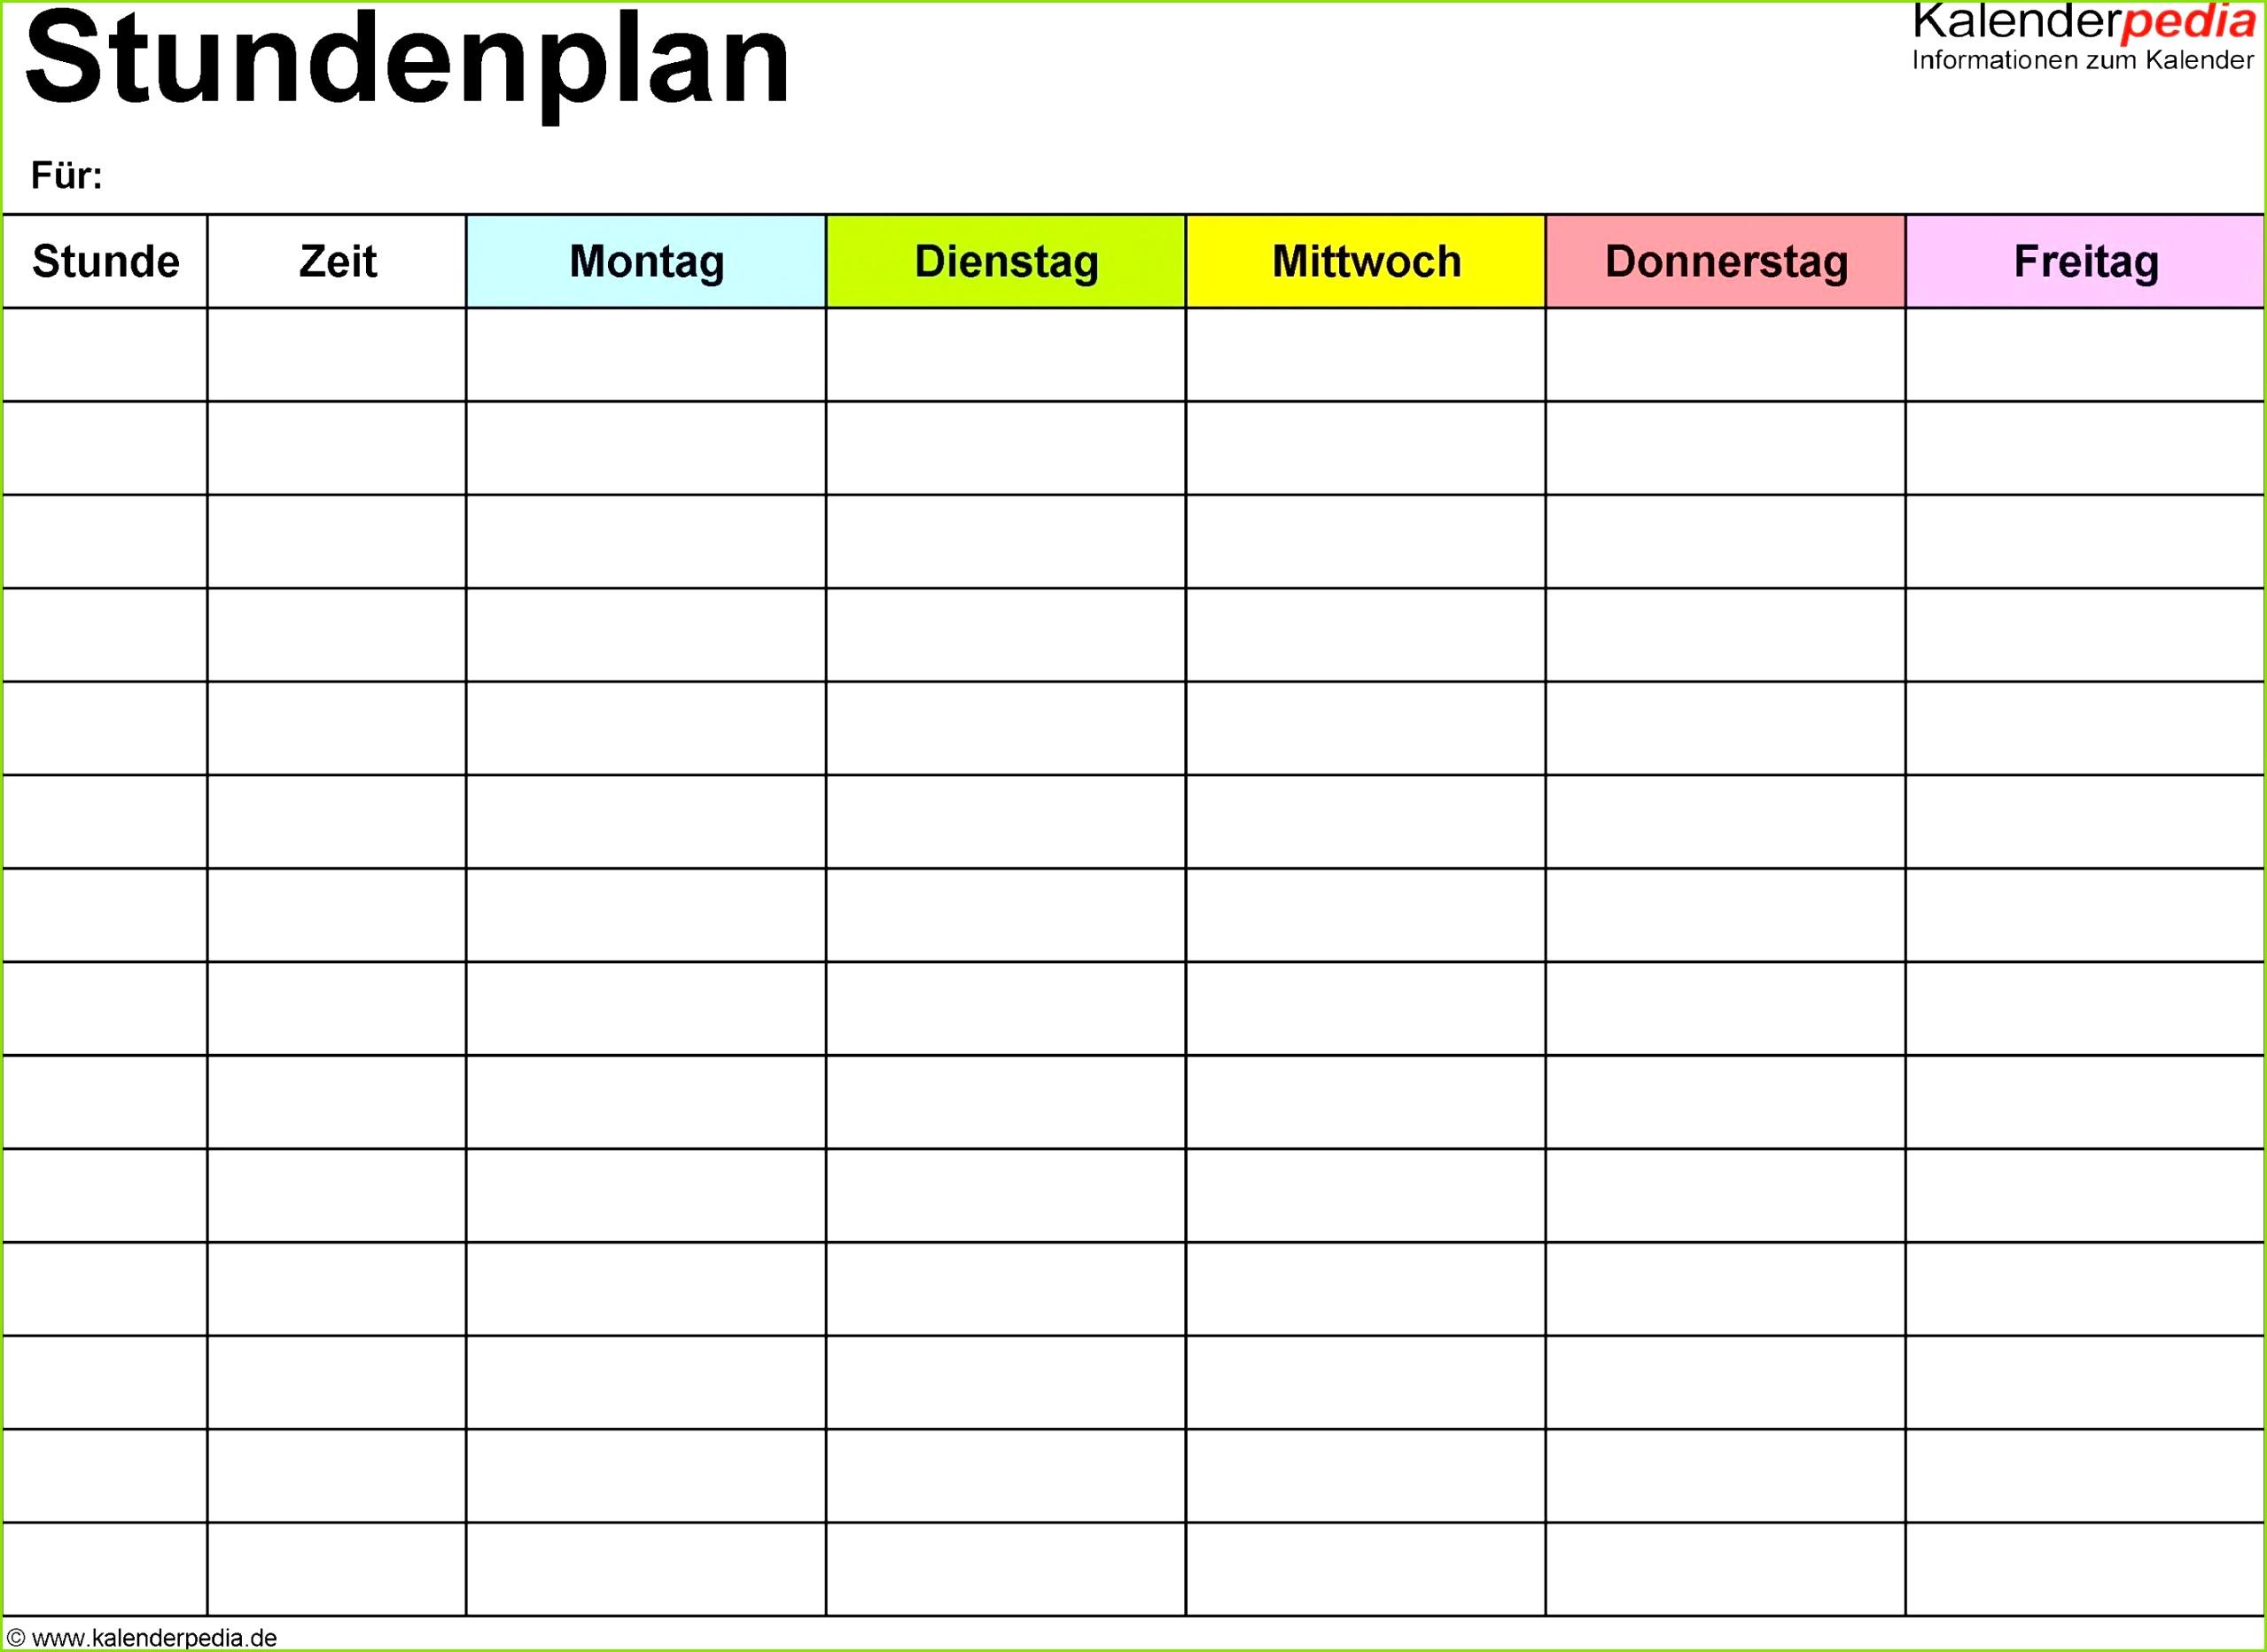 Stundenplan Vorlage Excel Lernplan Vorlage Excel Ayden Vorlage mit Recent Stundenplan Vorlage Excel